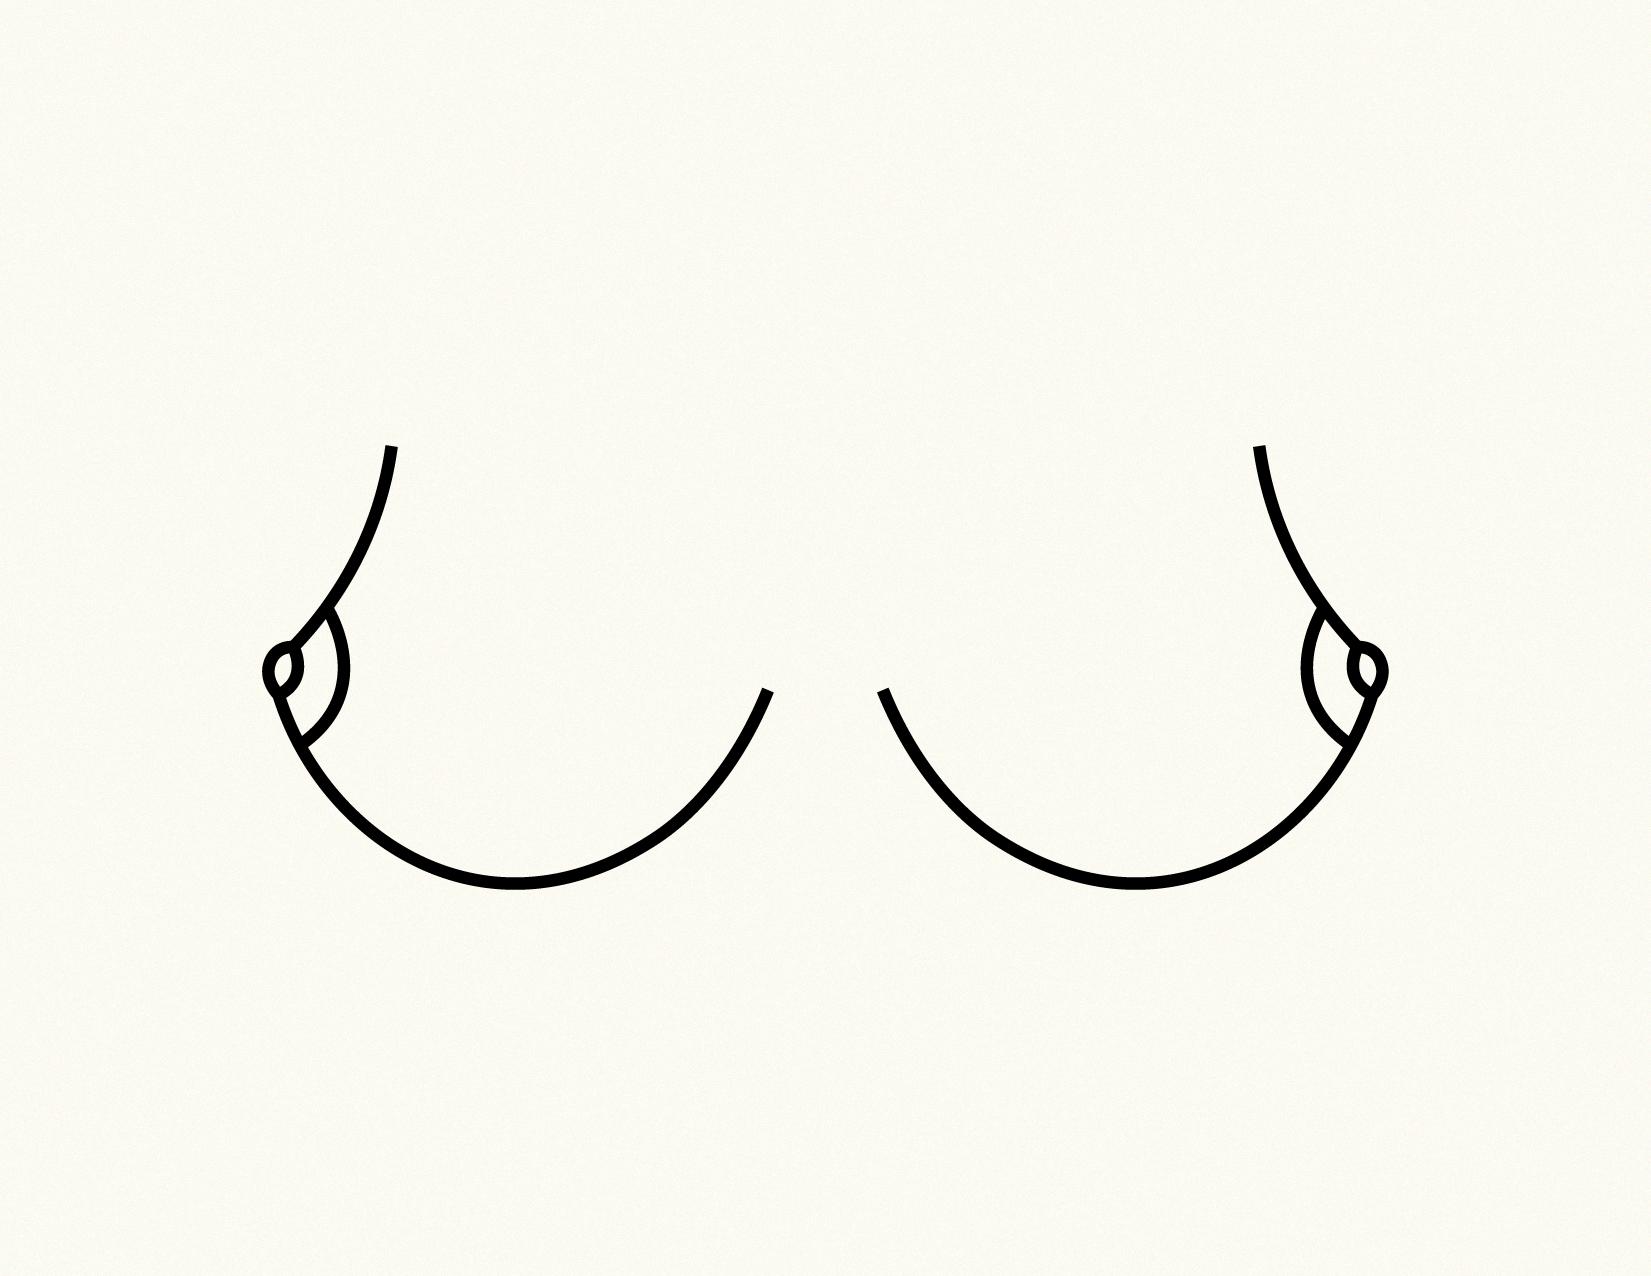 Design-Perky Pinkies.png